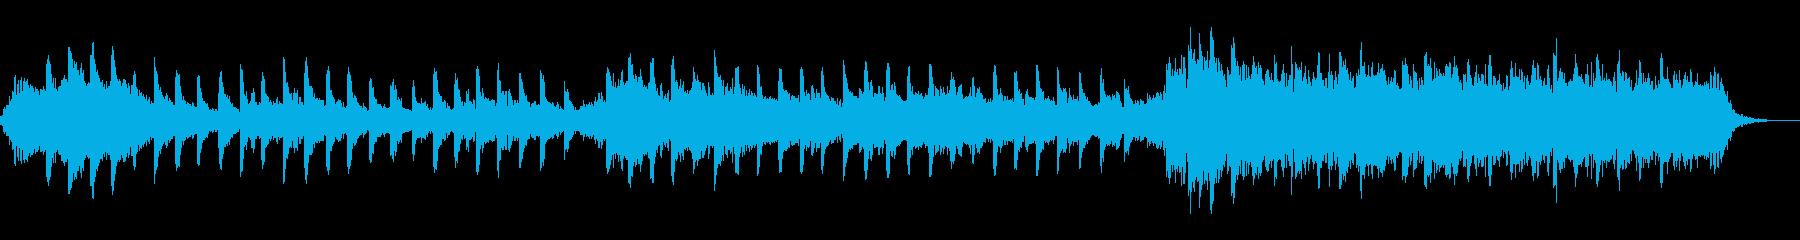 癒しのヒーリング音楽の再生済みの波形